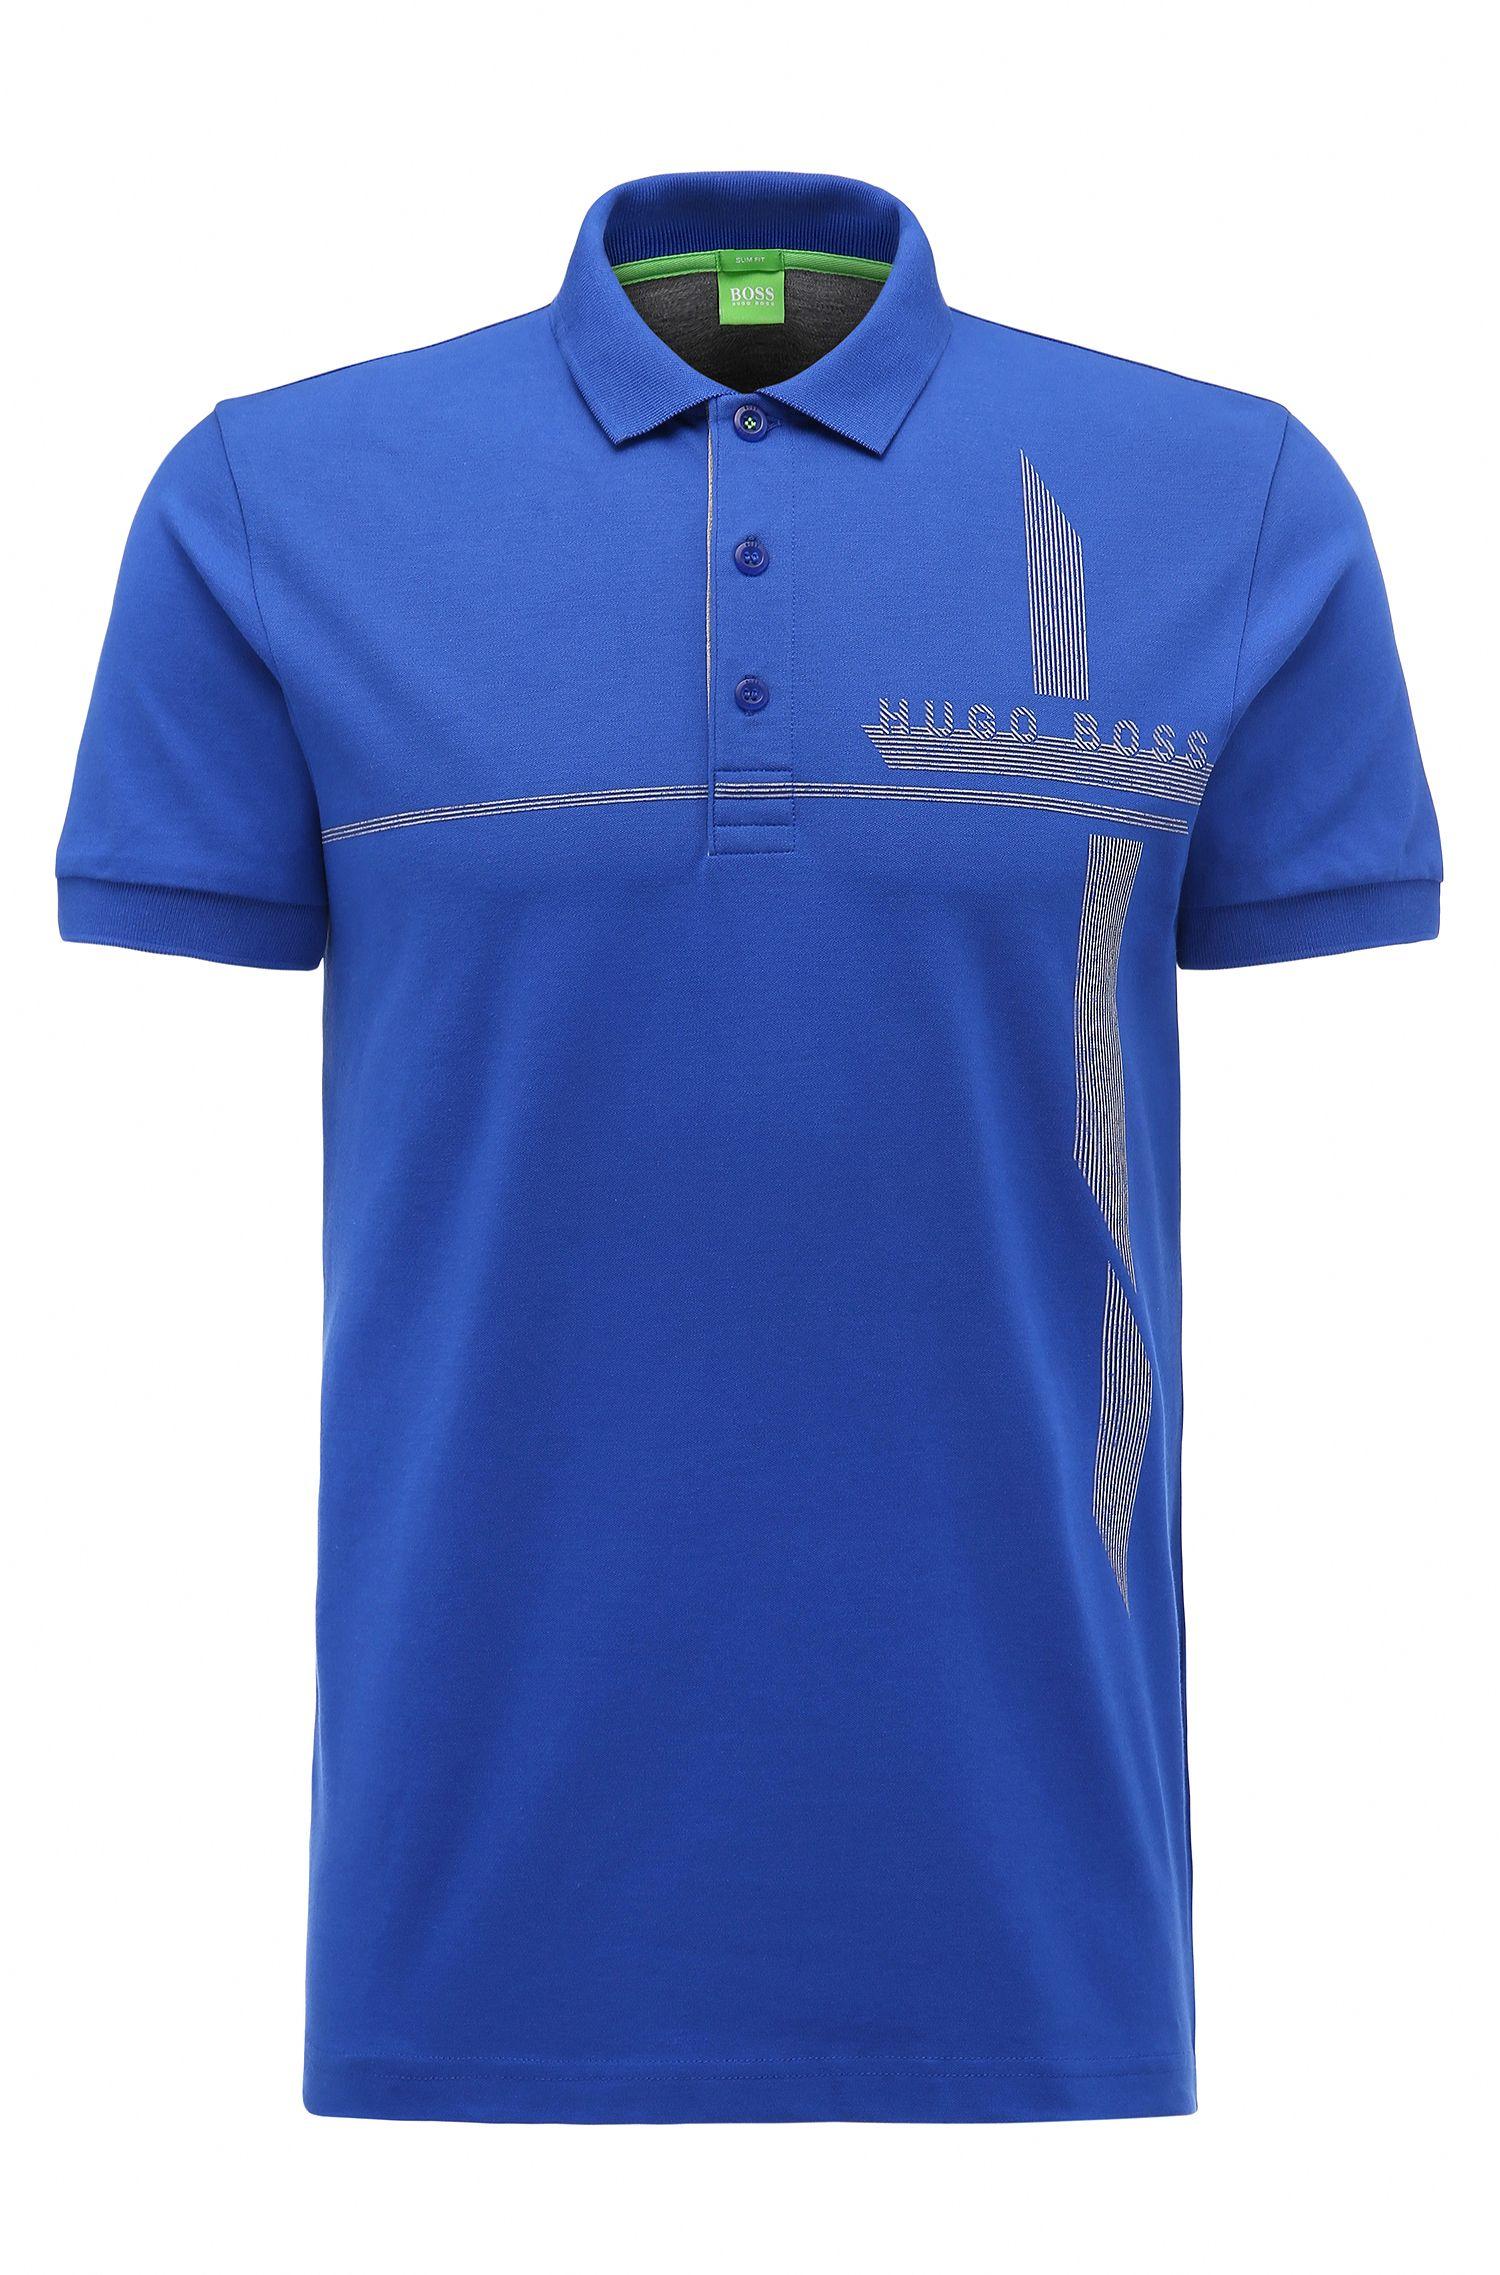 Piqué Stretch Cotton Polo Shirt, Slim Fit | M-Paule